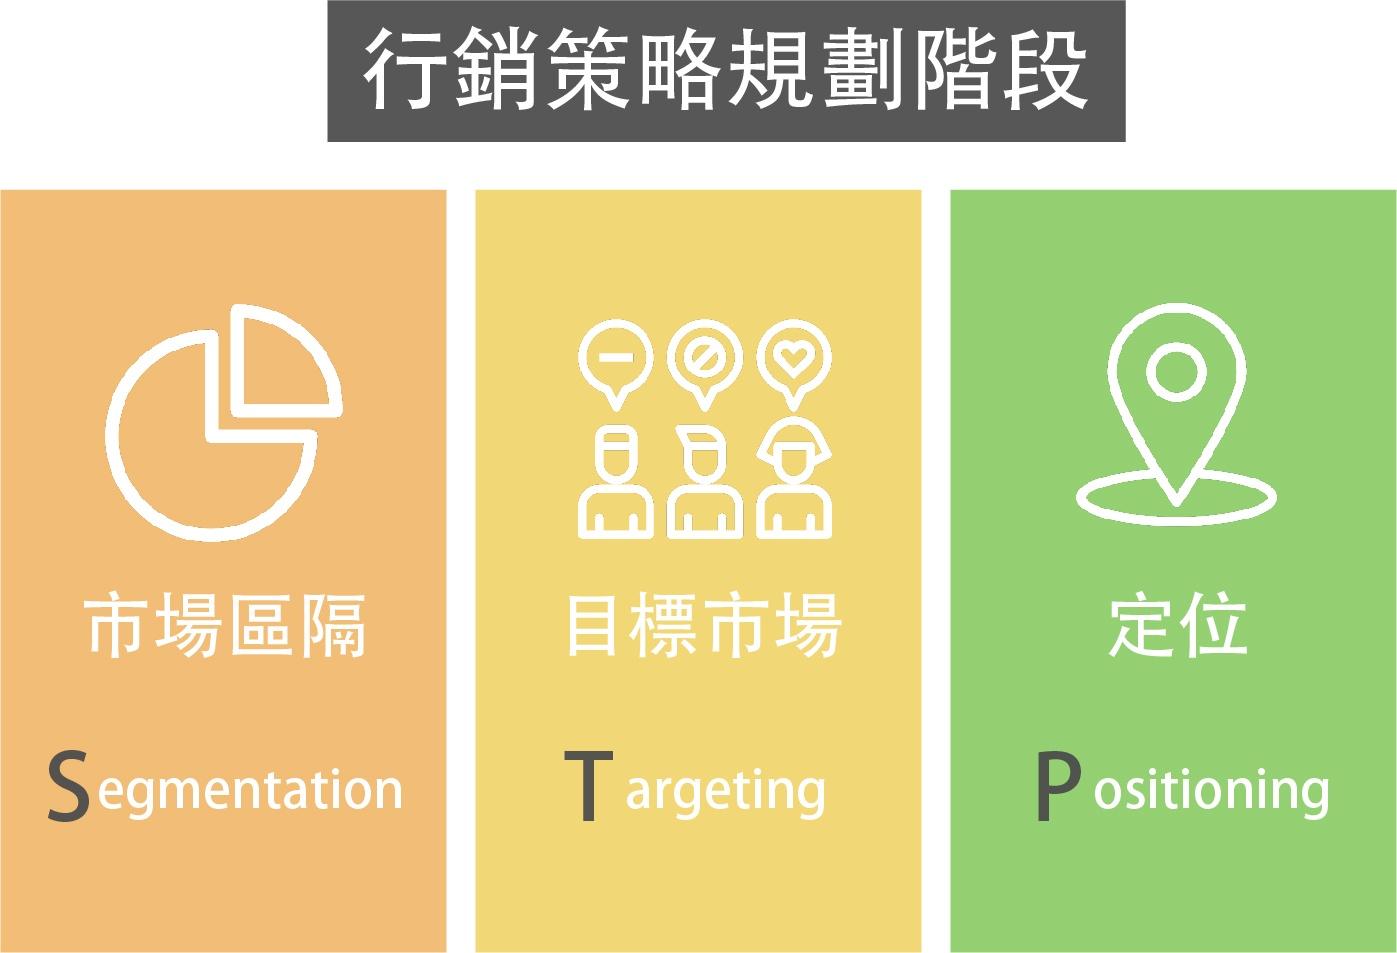 行銷策略規劃階段